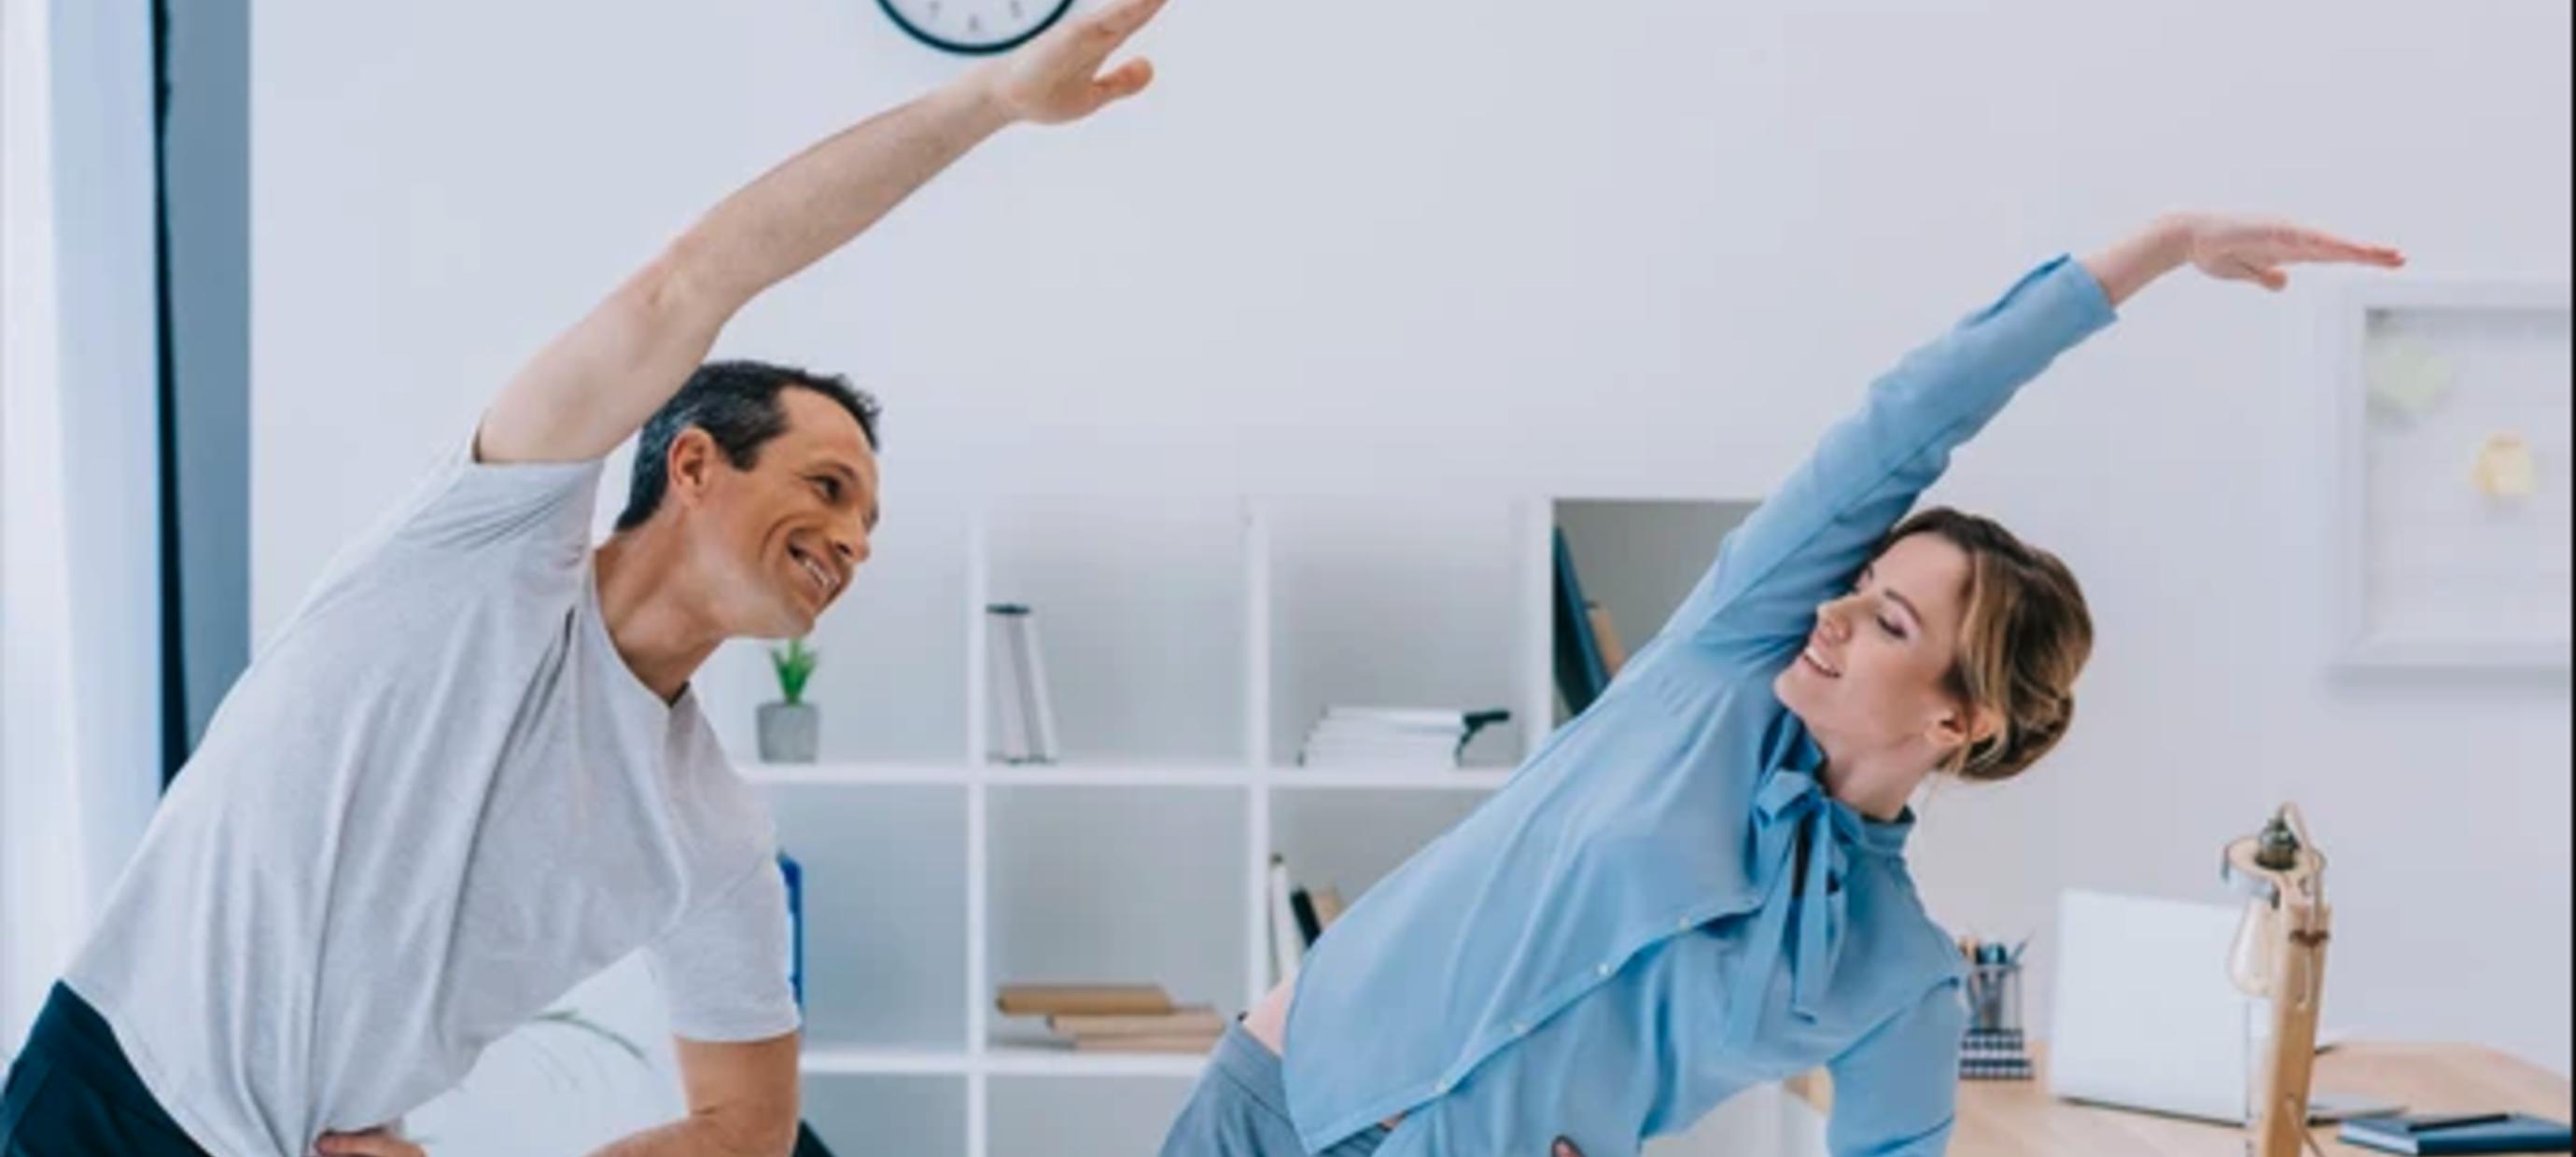 7 Snelle en gemakkelijke tips voor het vormen van een actief kantoor